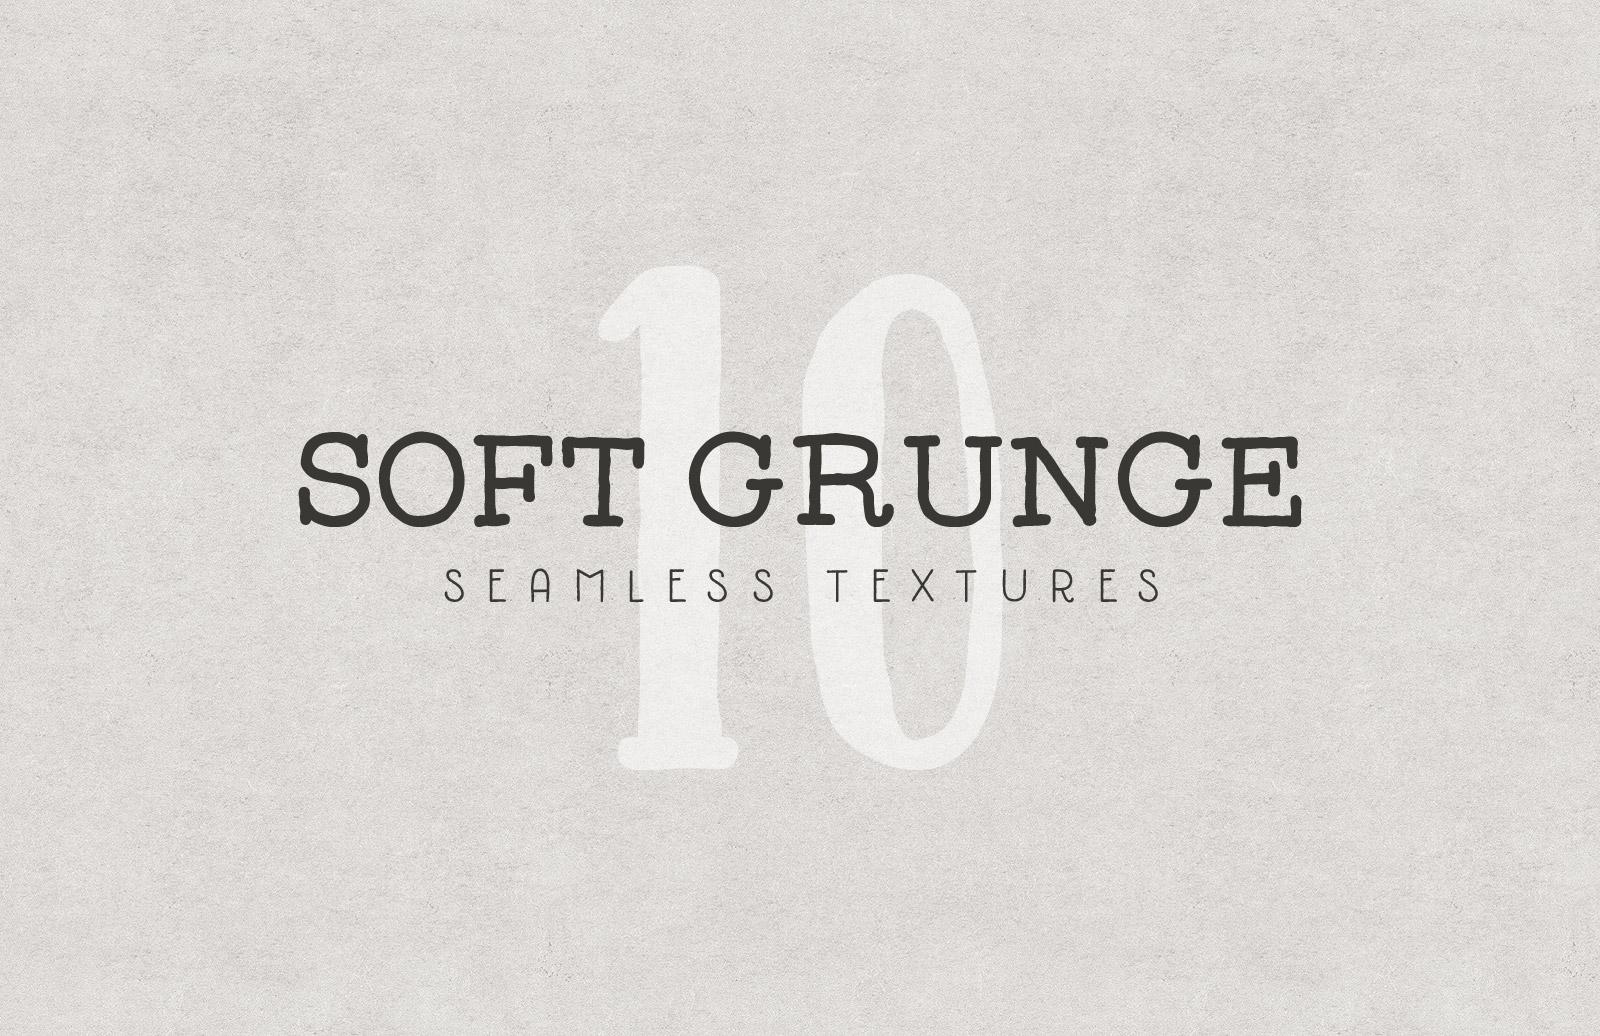 Seamless Soft Grunge Textures 1